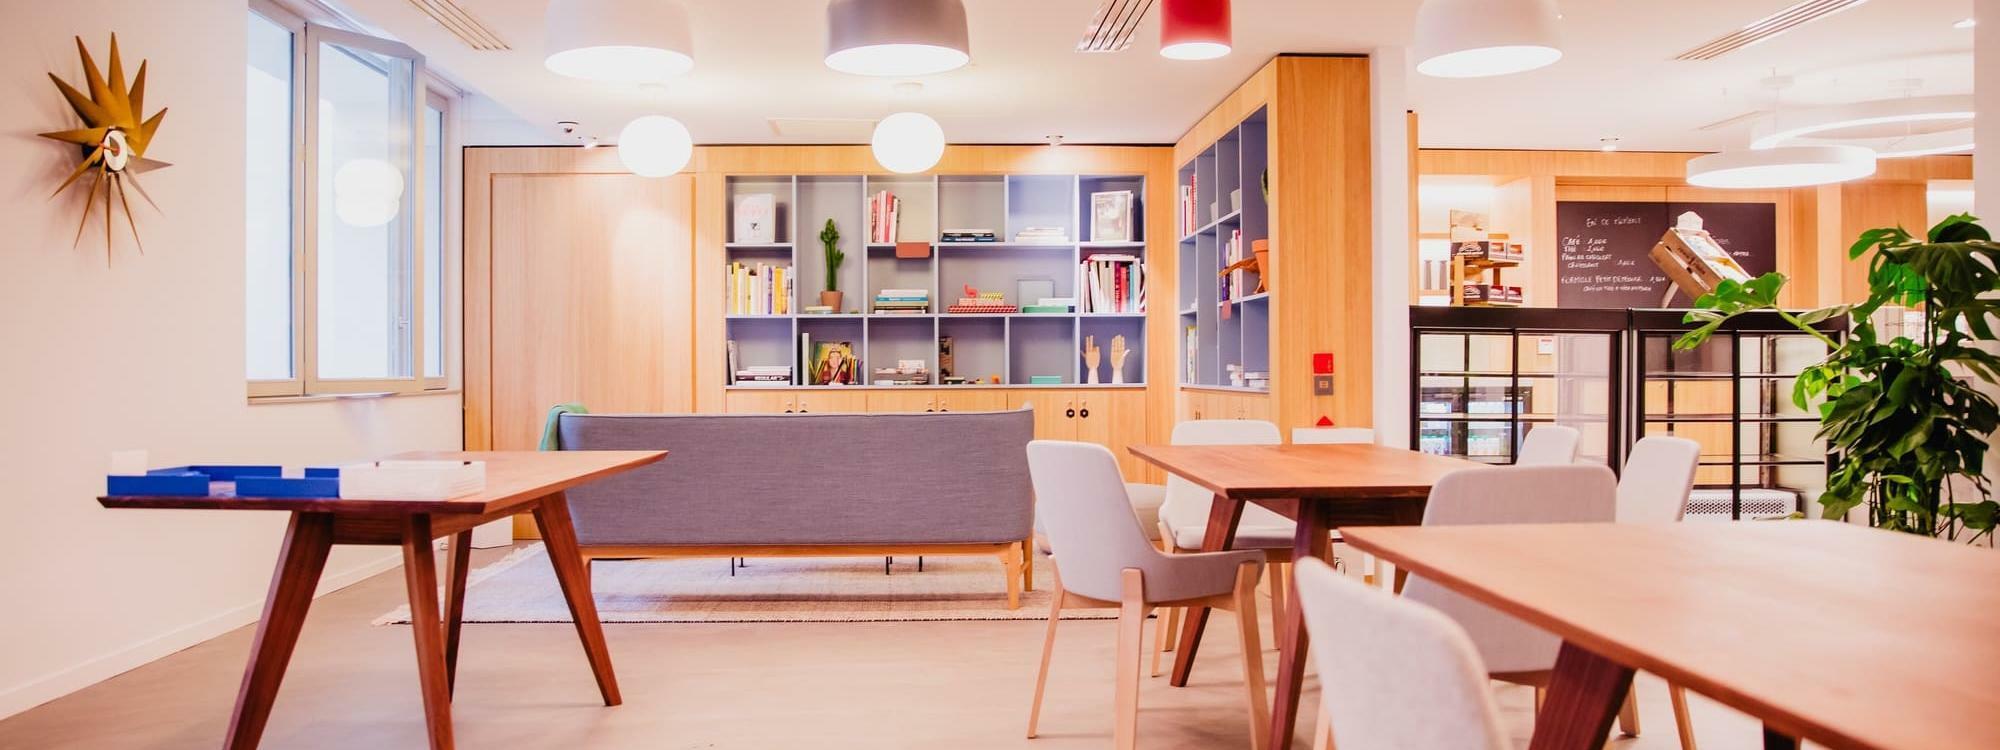 Spaces Rue De Londres space saint lazare - espaces de coworking à paris 8